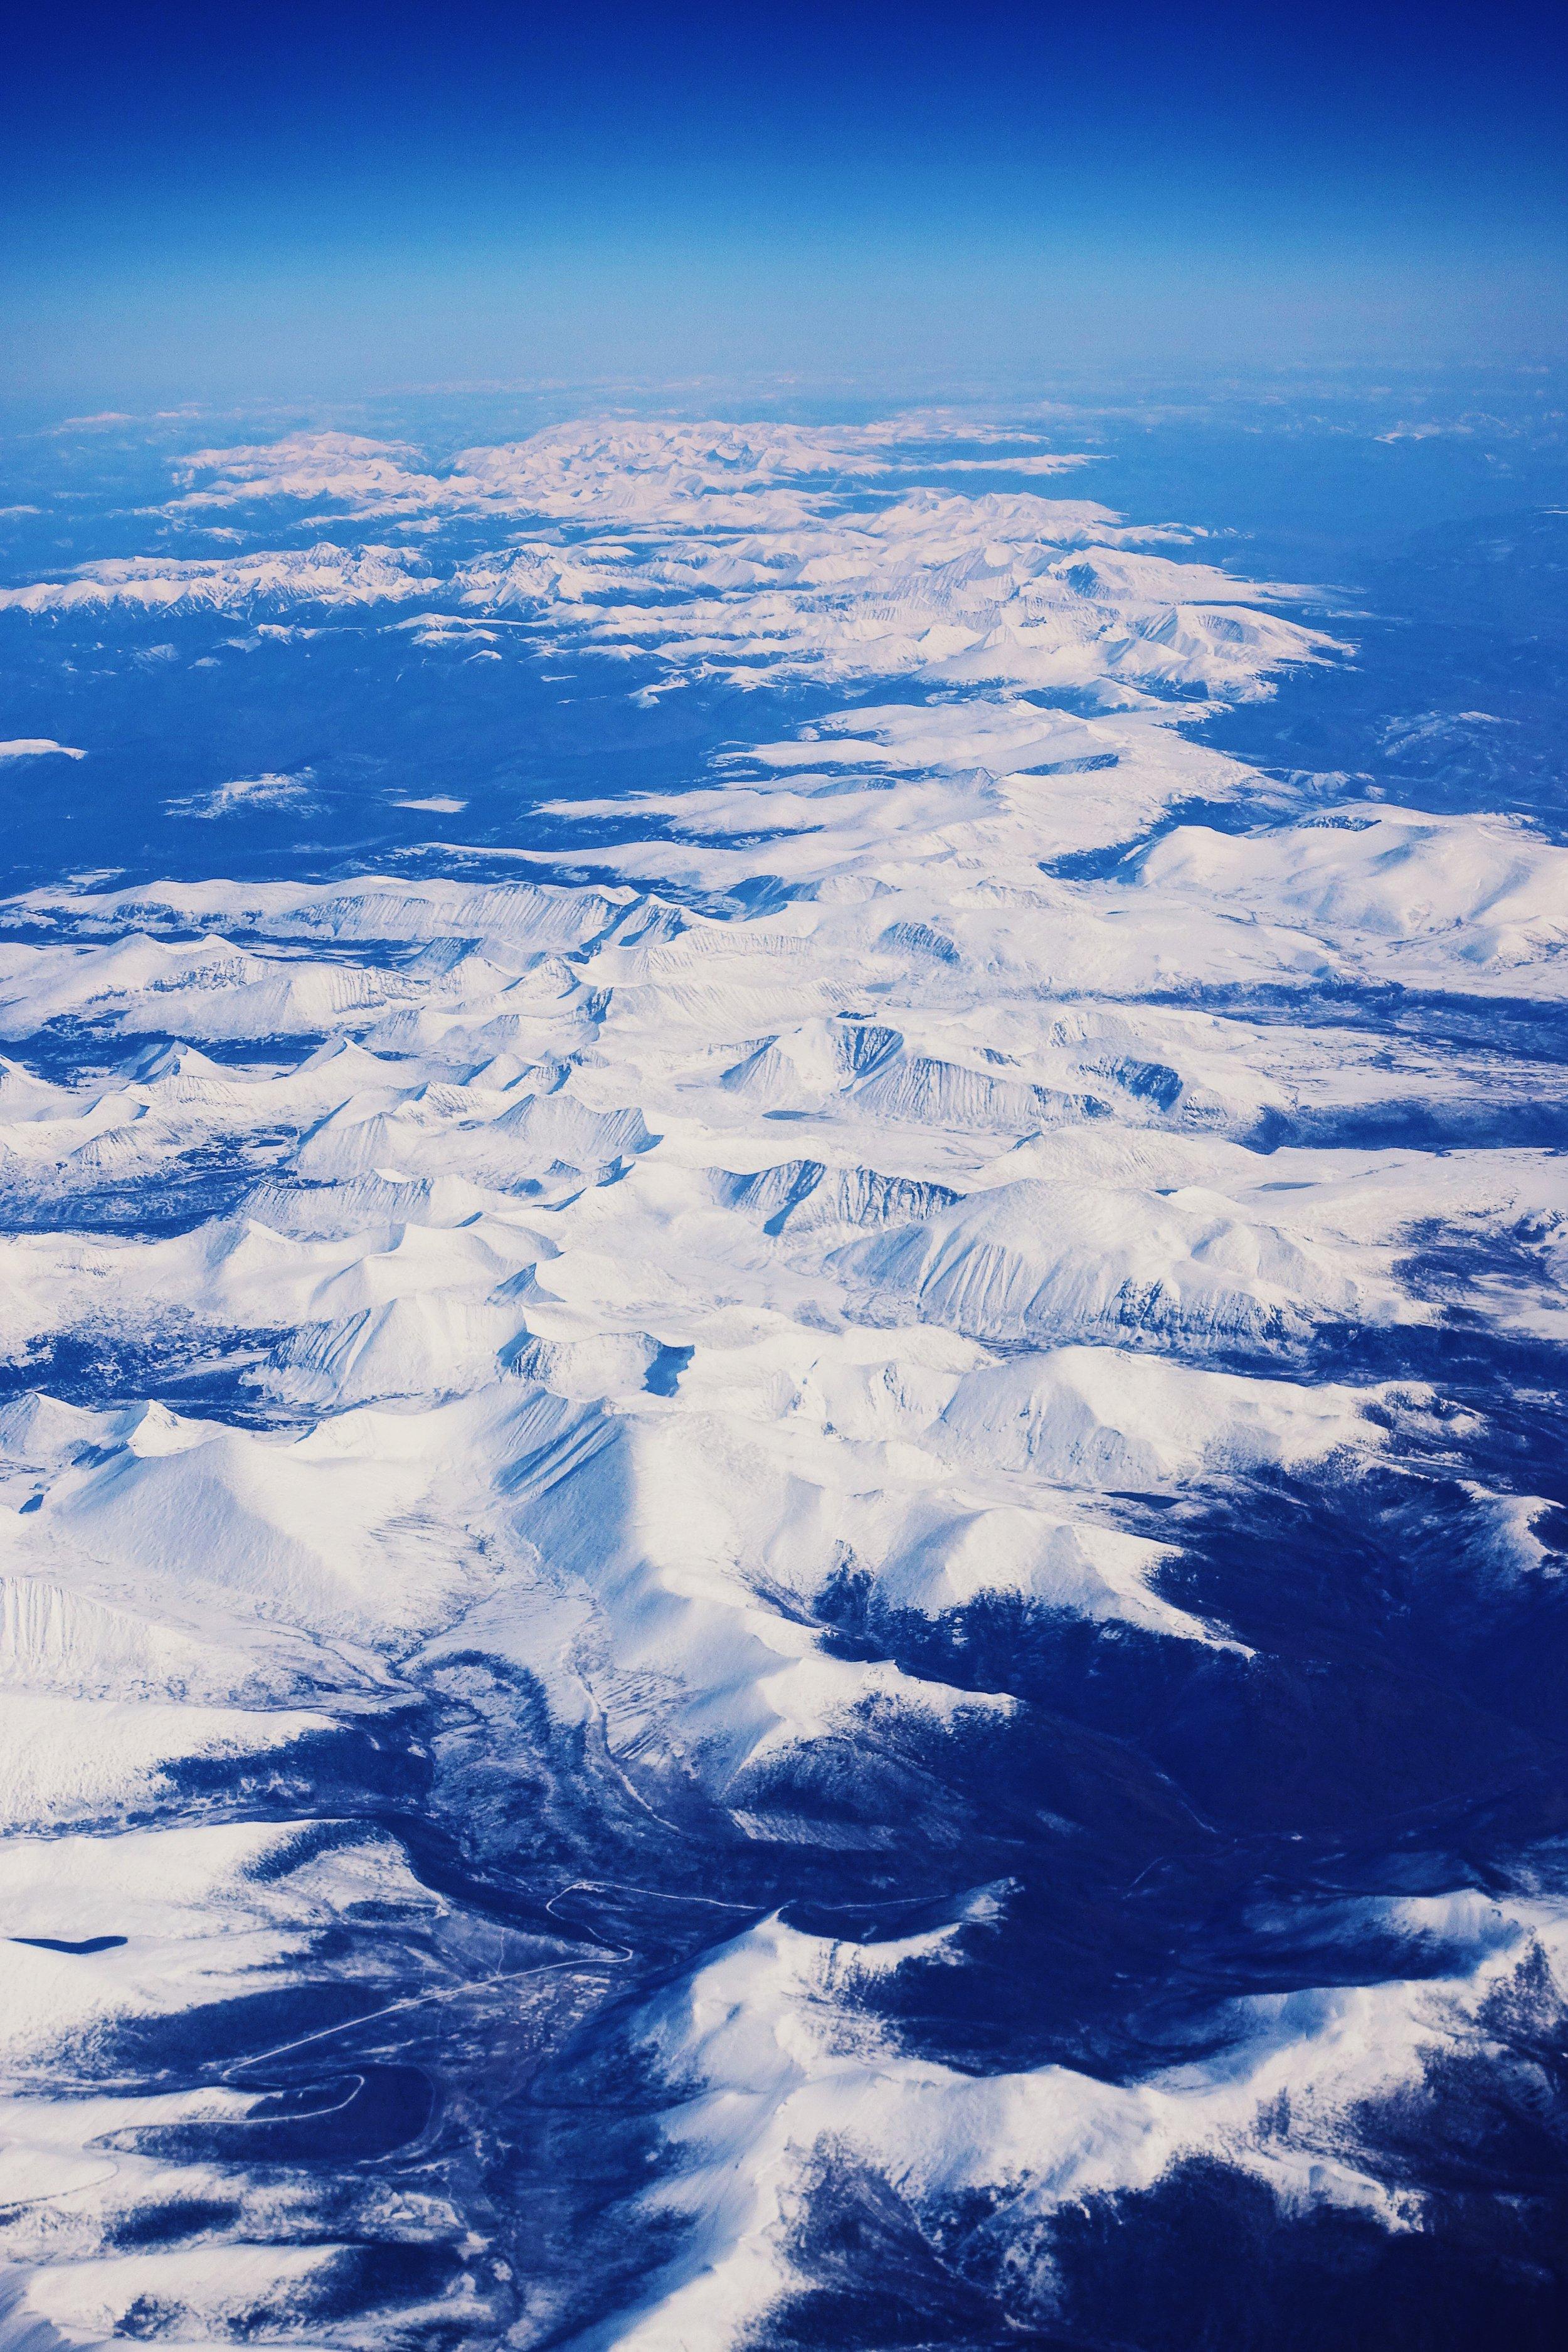 Altai Mountains, Mongolia